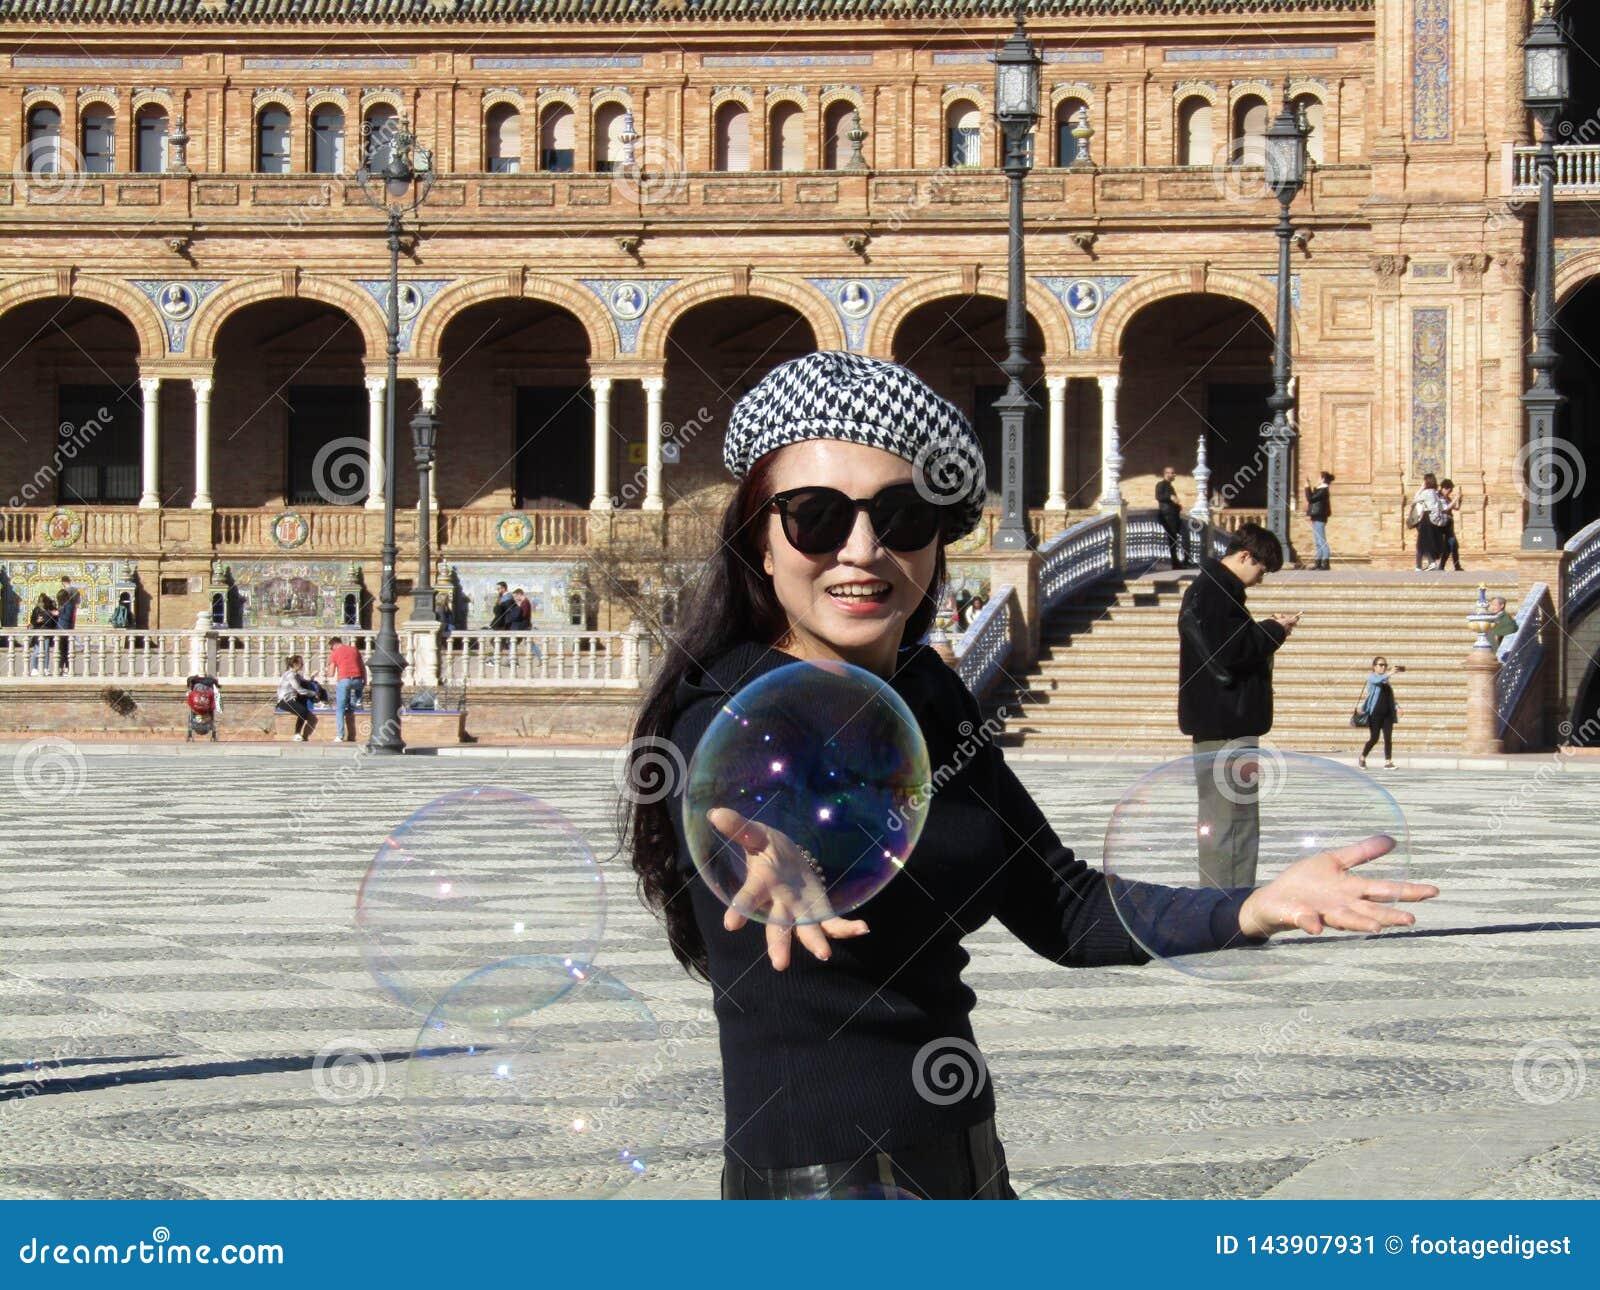 Σεβίλλη, Ισπανία - 26 Ιανουαρίου 2019: το κορίτσι φυσά τις μεγάλες φυσαλίδες σαπουνιών